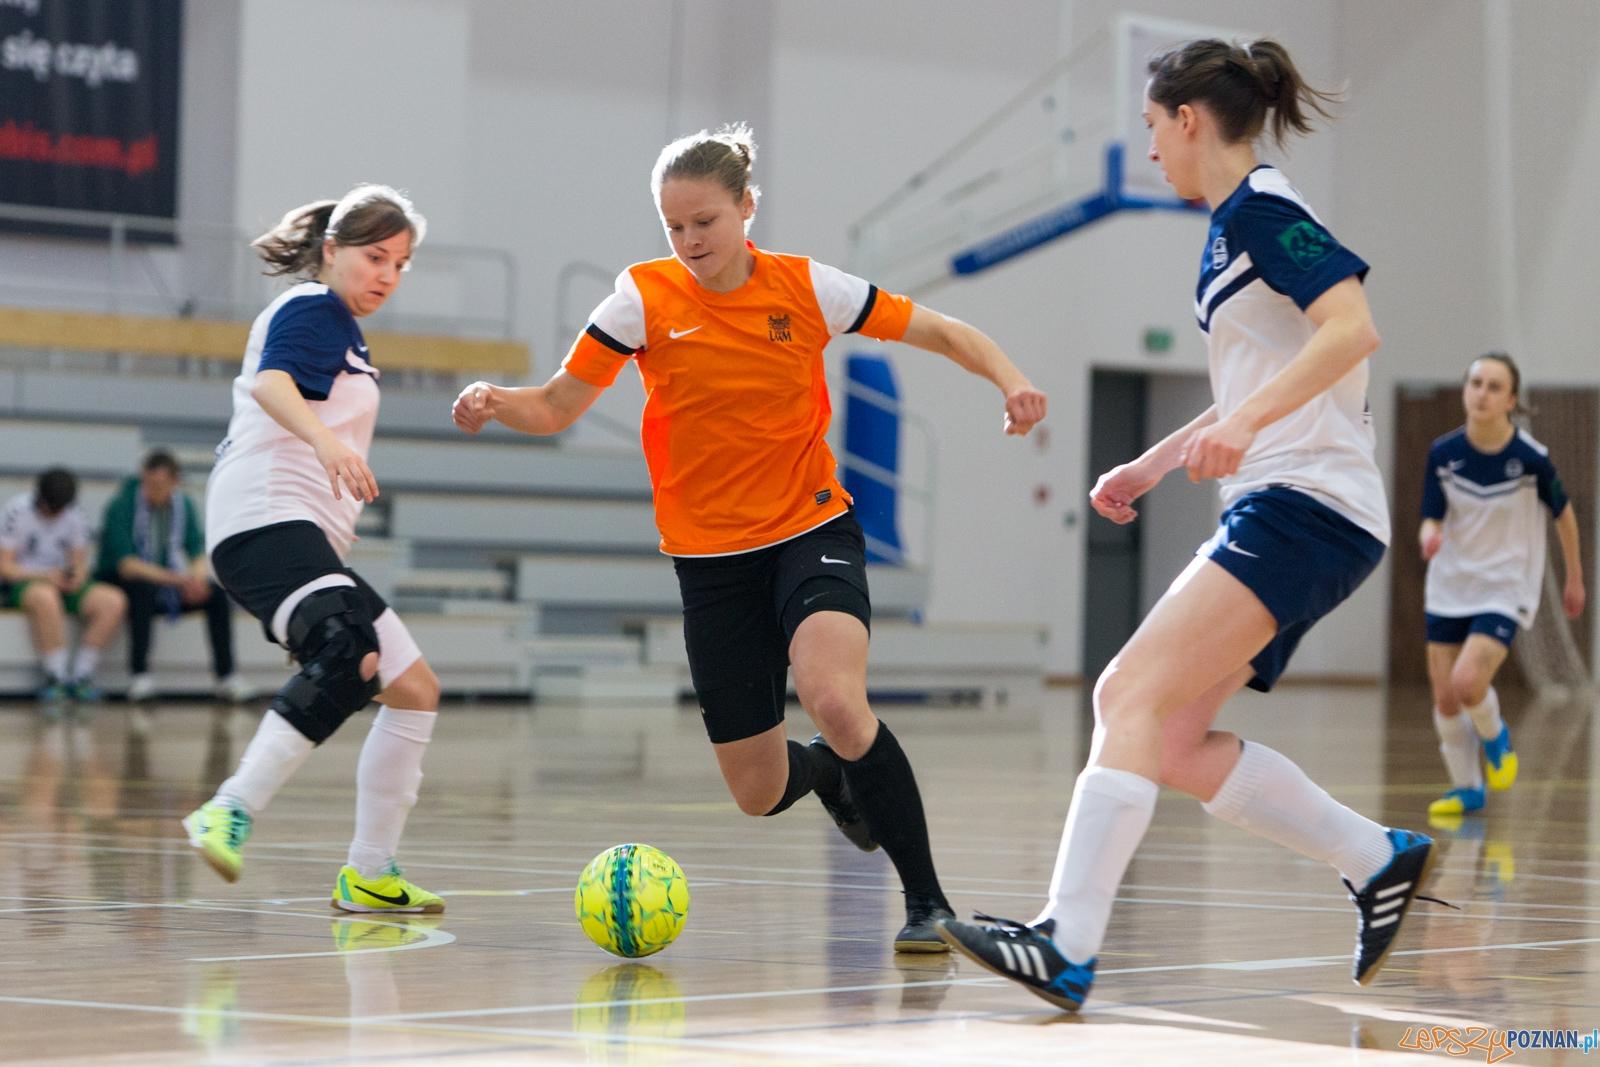 Akademickie Mistrzostwa Polski w Futsalu kobiet  Foto: lepszyPOZNAN.pl / Piotr Rychter